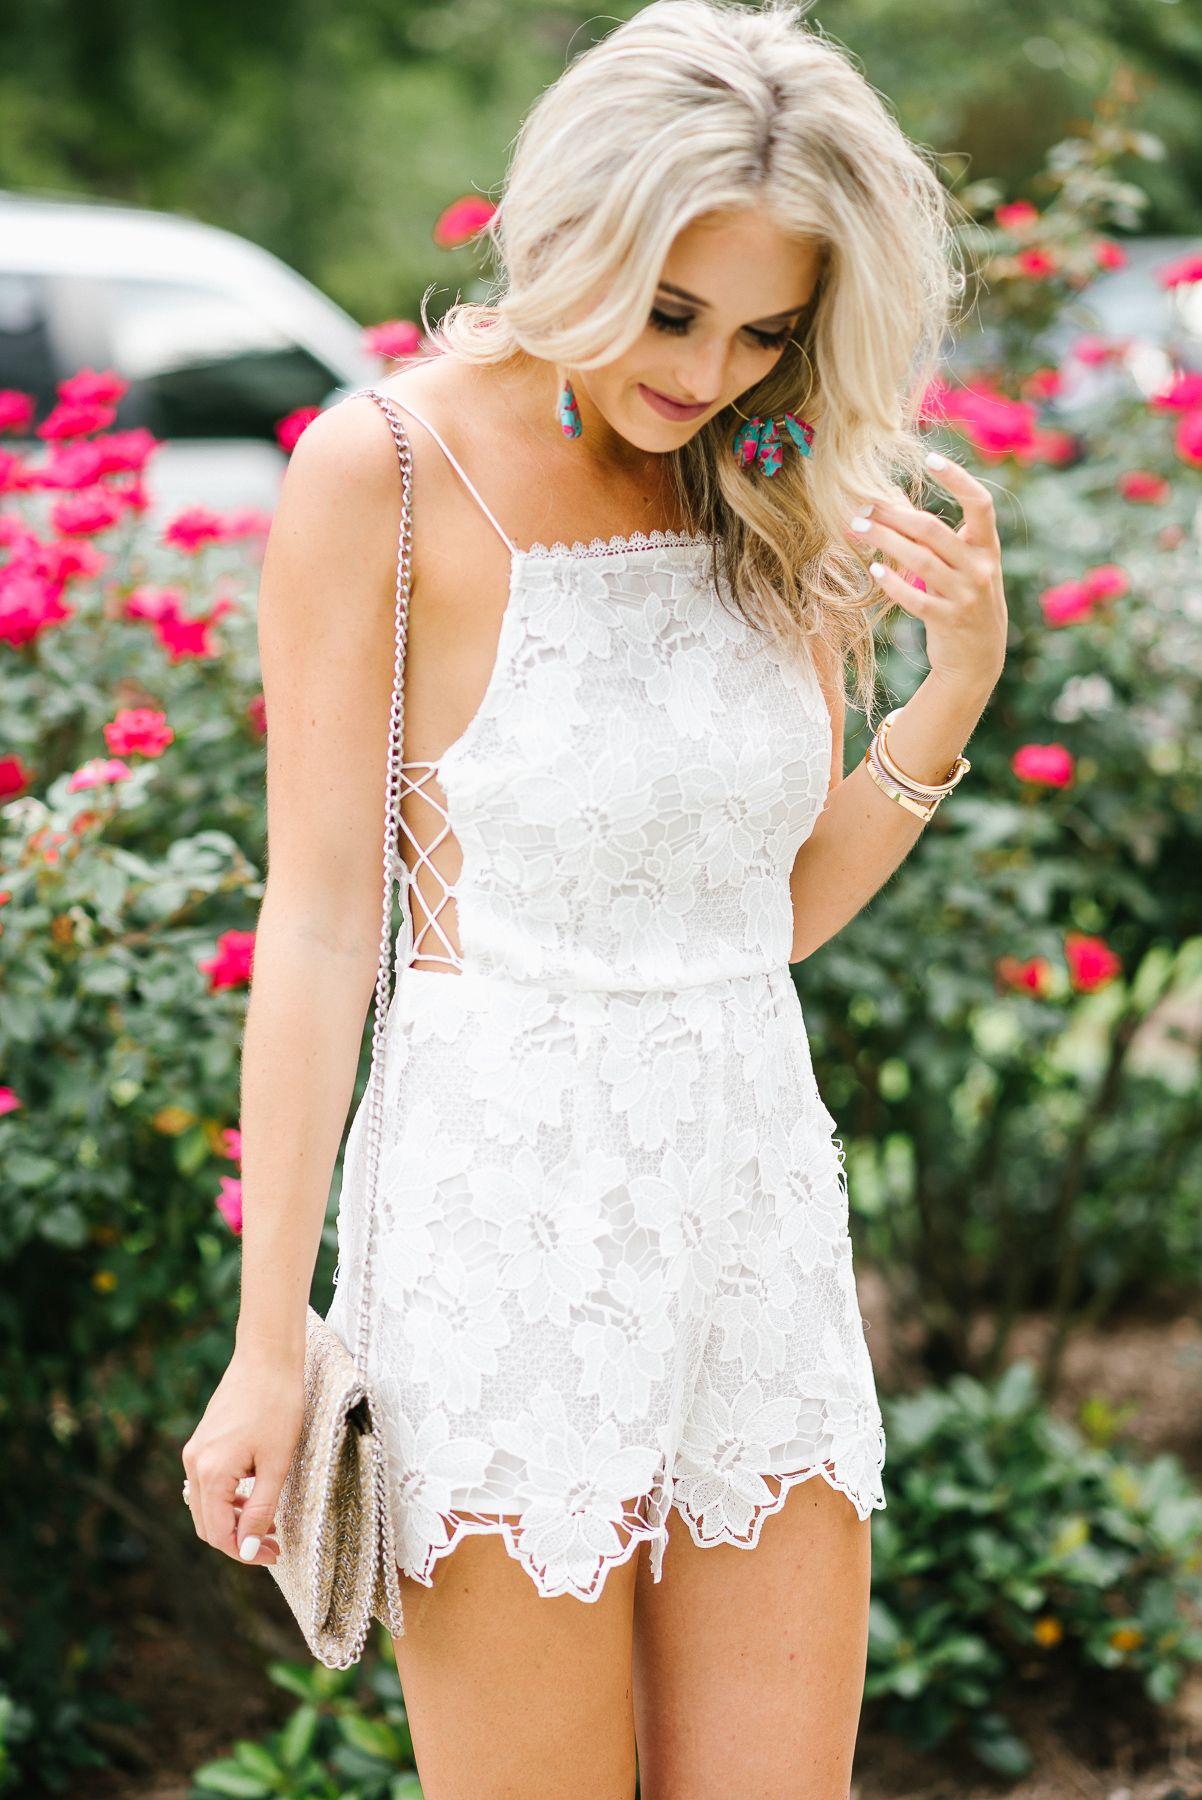 White Lace Romper White Lace Romper Lace Romper White Lace [ 1800 x 1202 Pixel ]